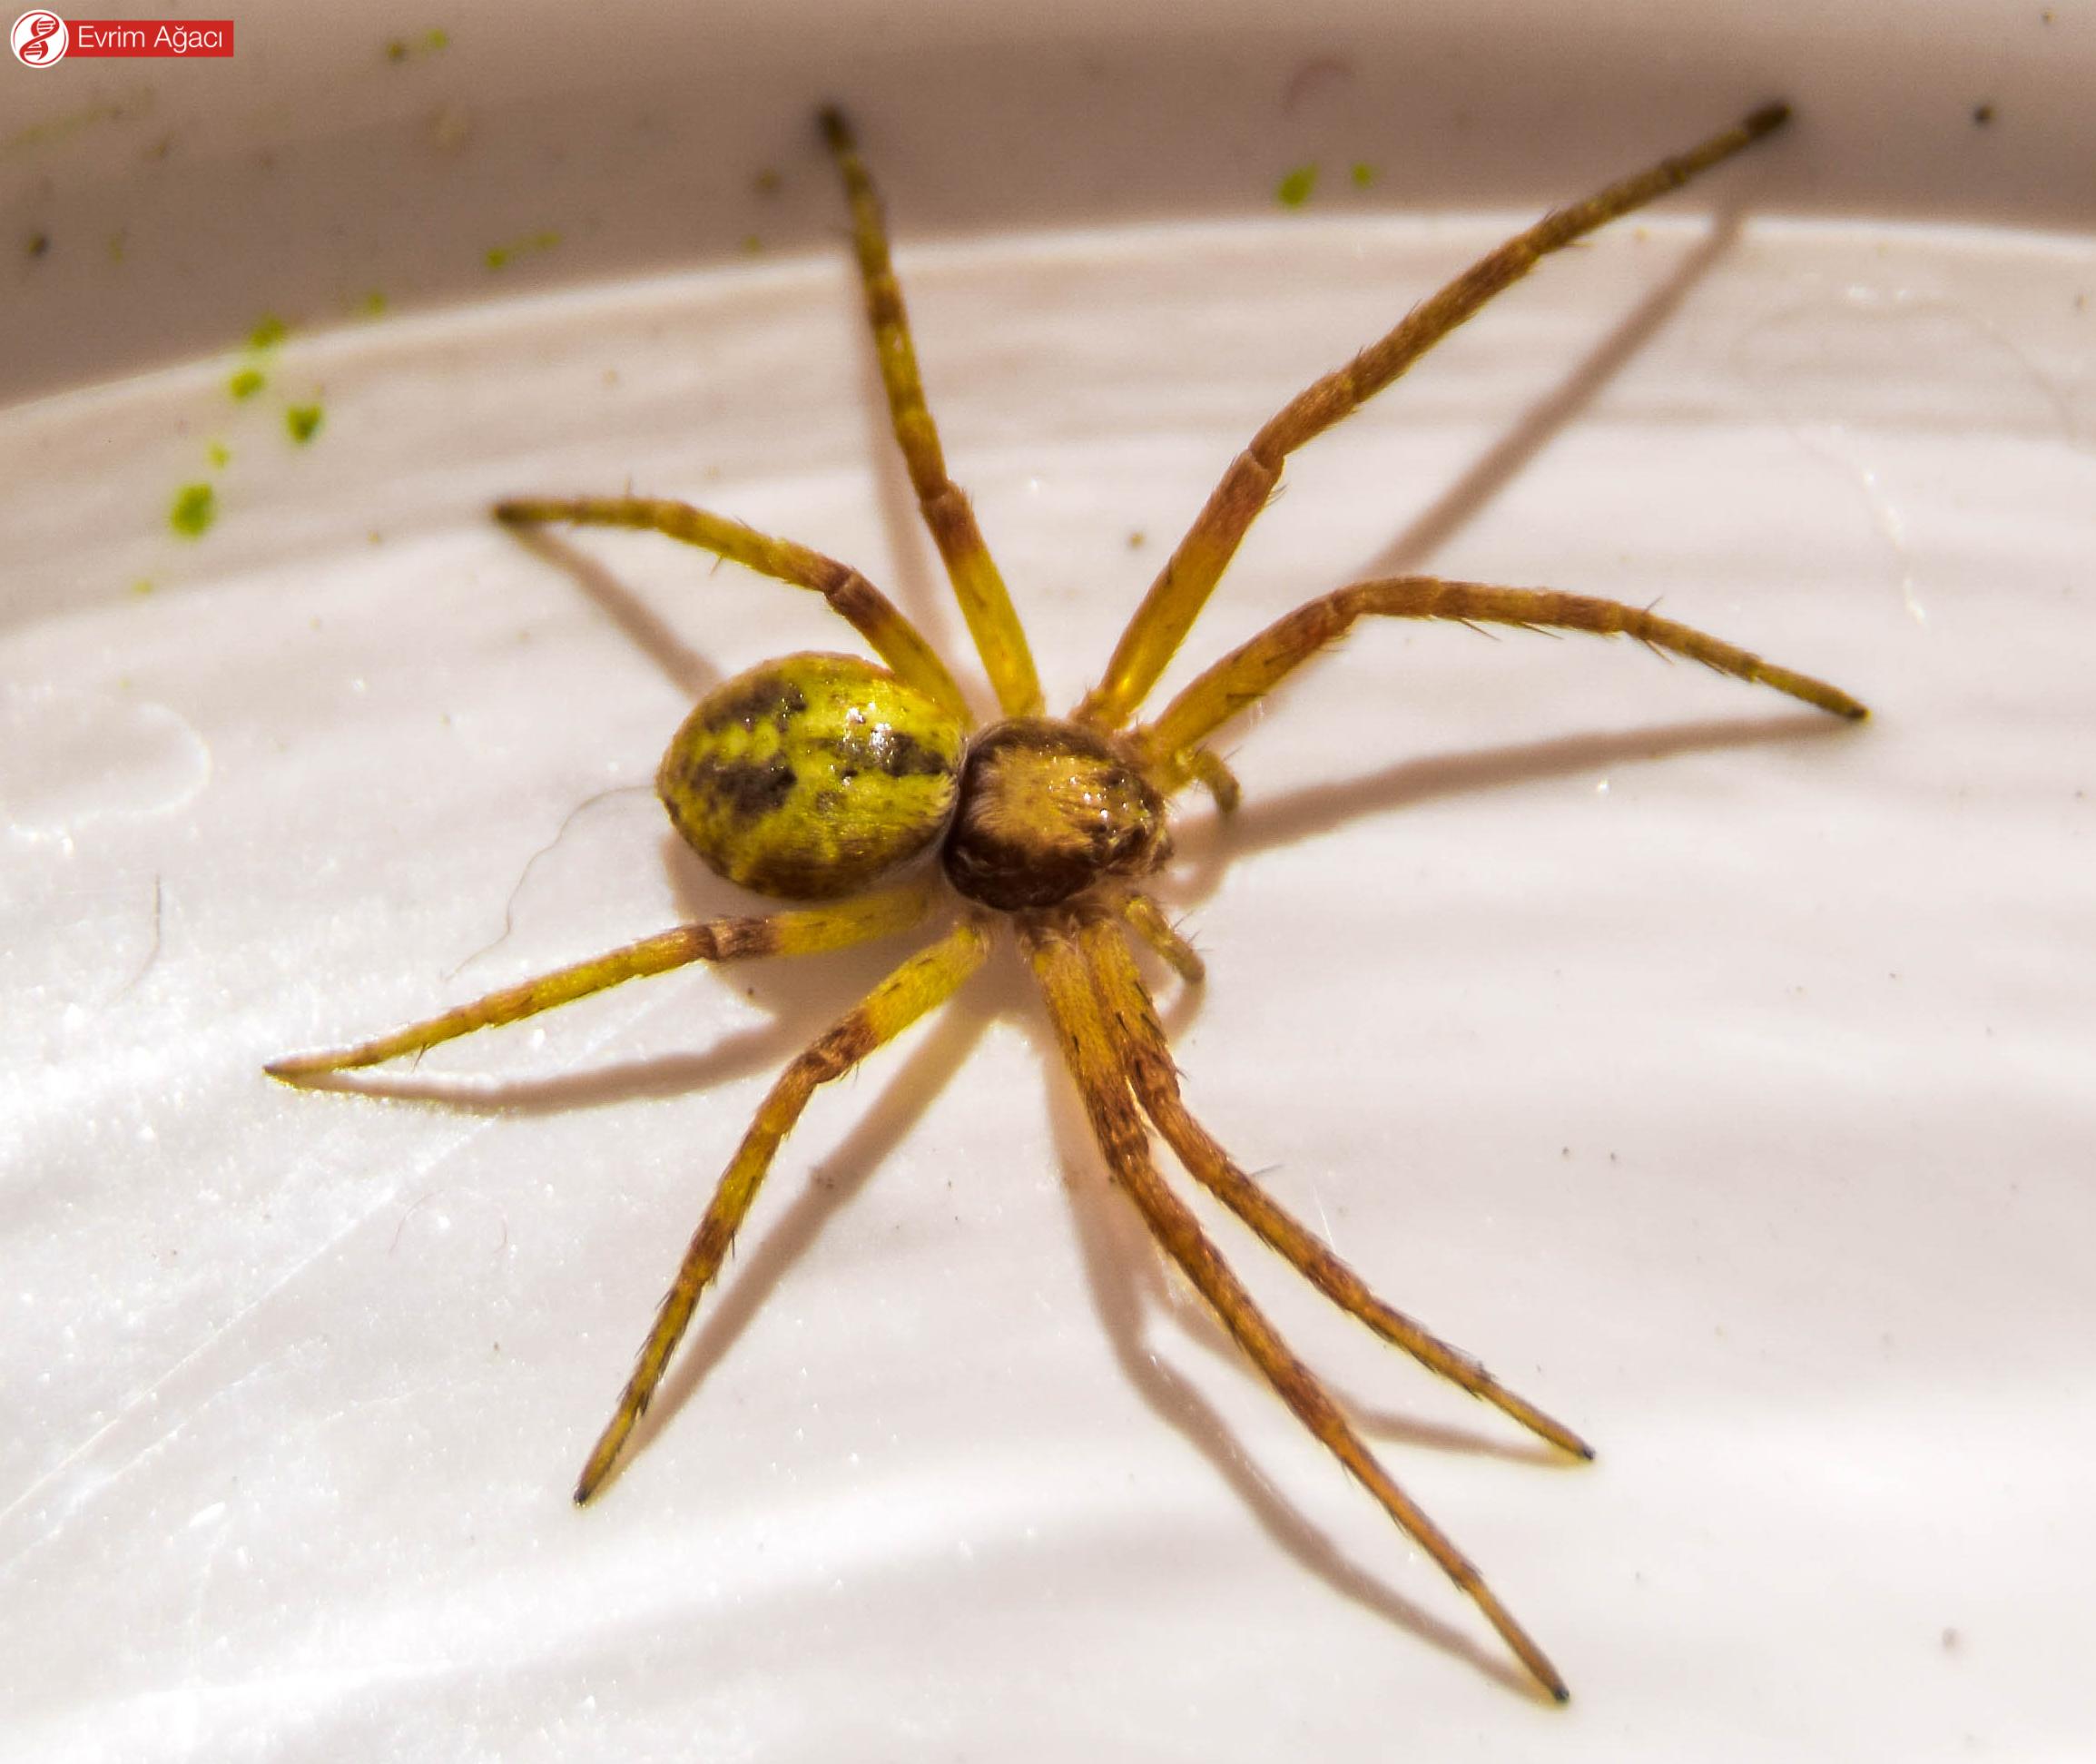 Makro tekniği nedeniyle büyük gözükse de, tırnak boyutunda oldukça ufak örümceklerdir.